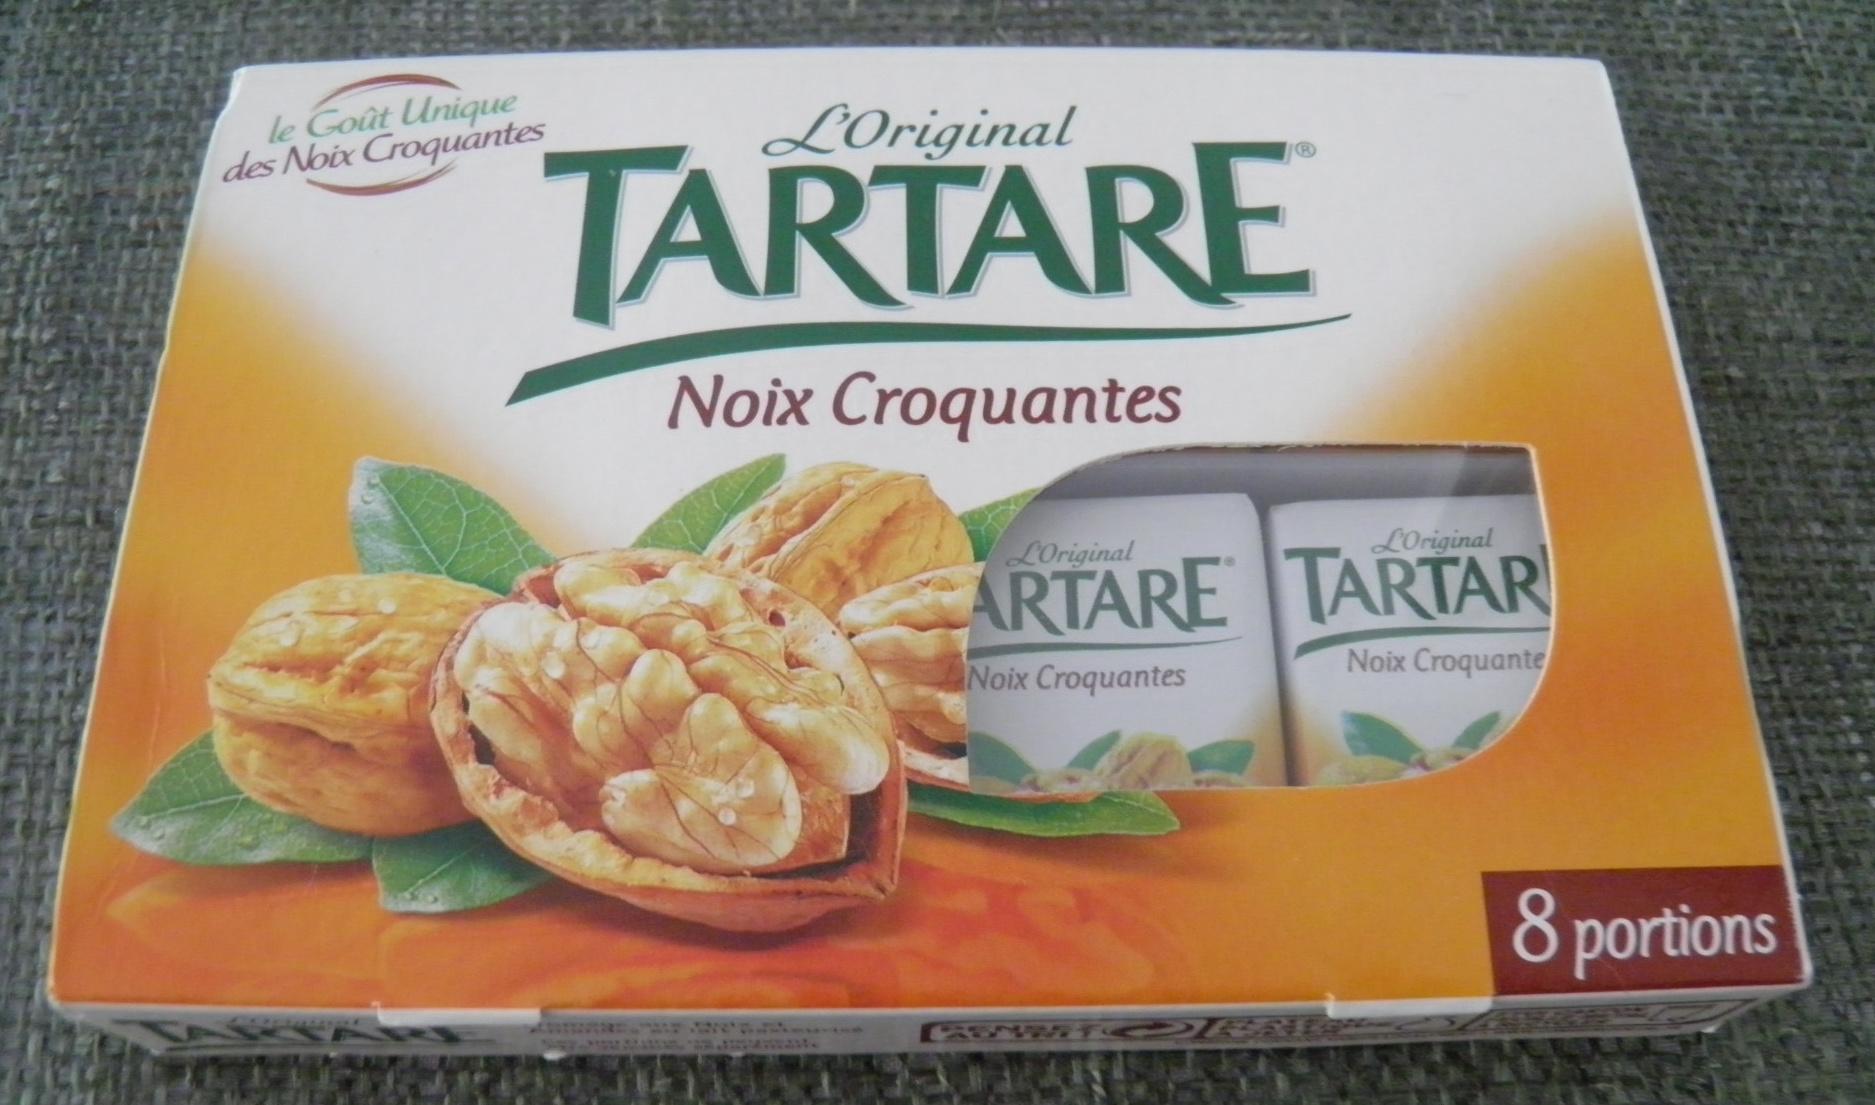 L'Original Tartare, Noix Croquantes (8 portions) - (34 % MG) - Product - fr